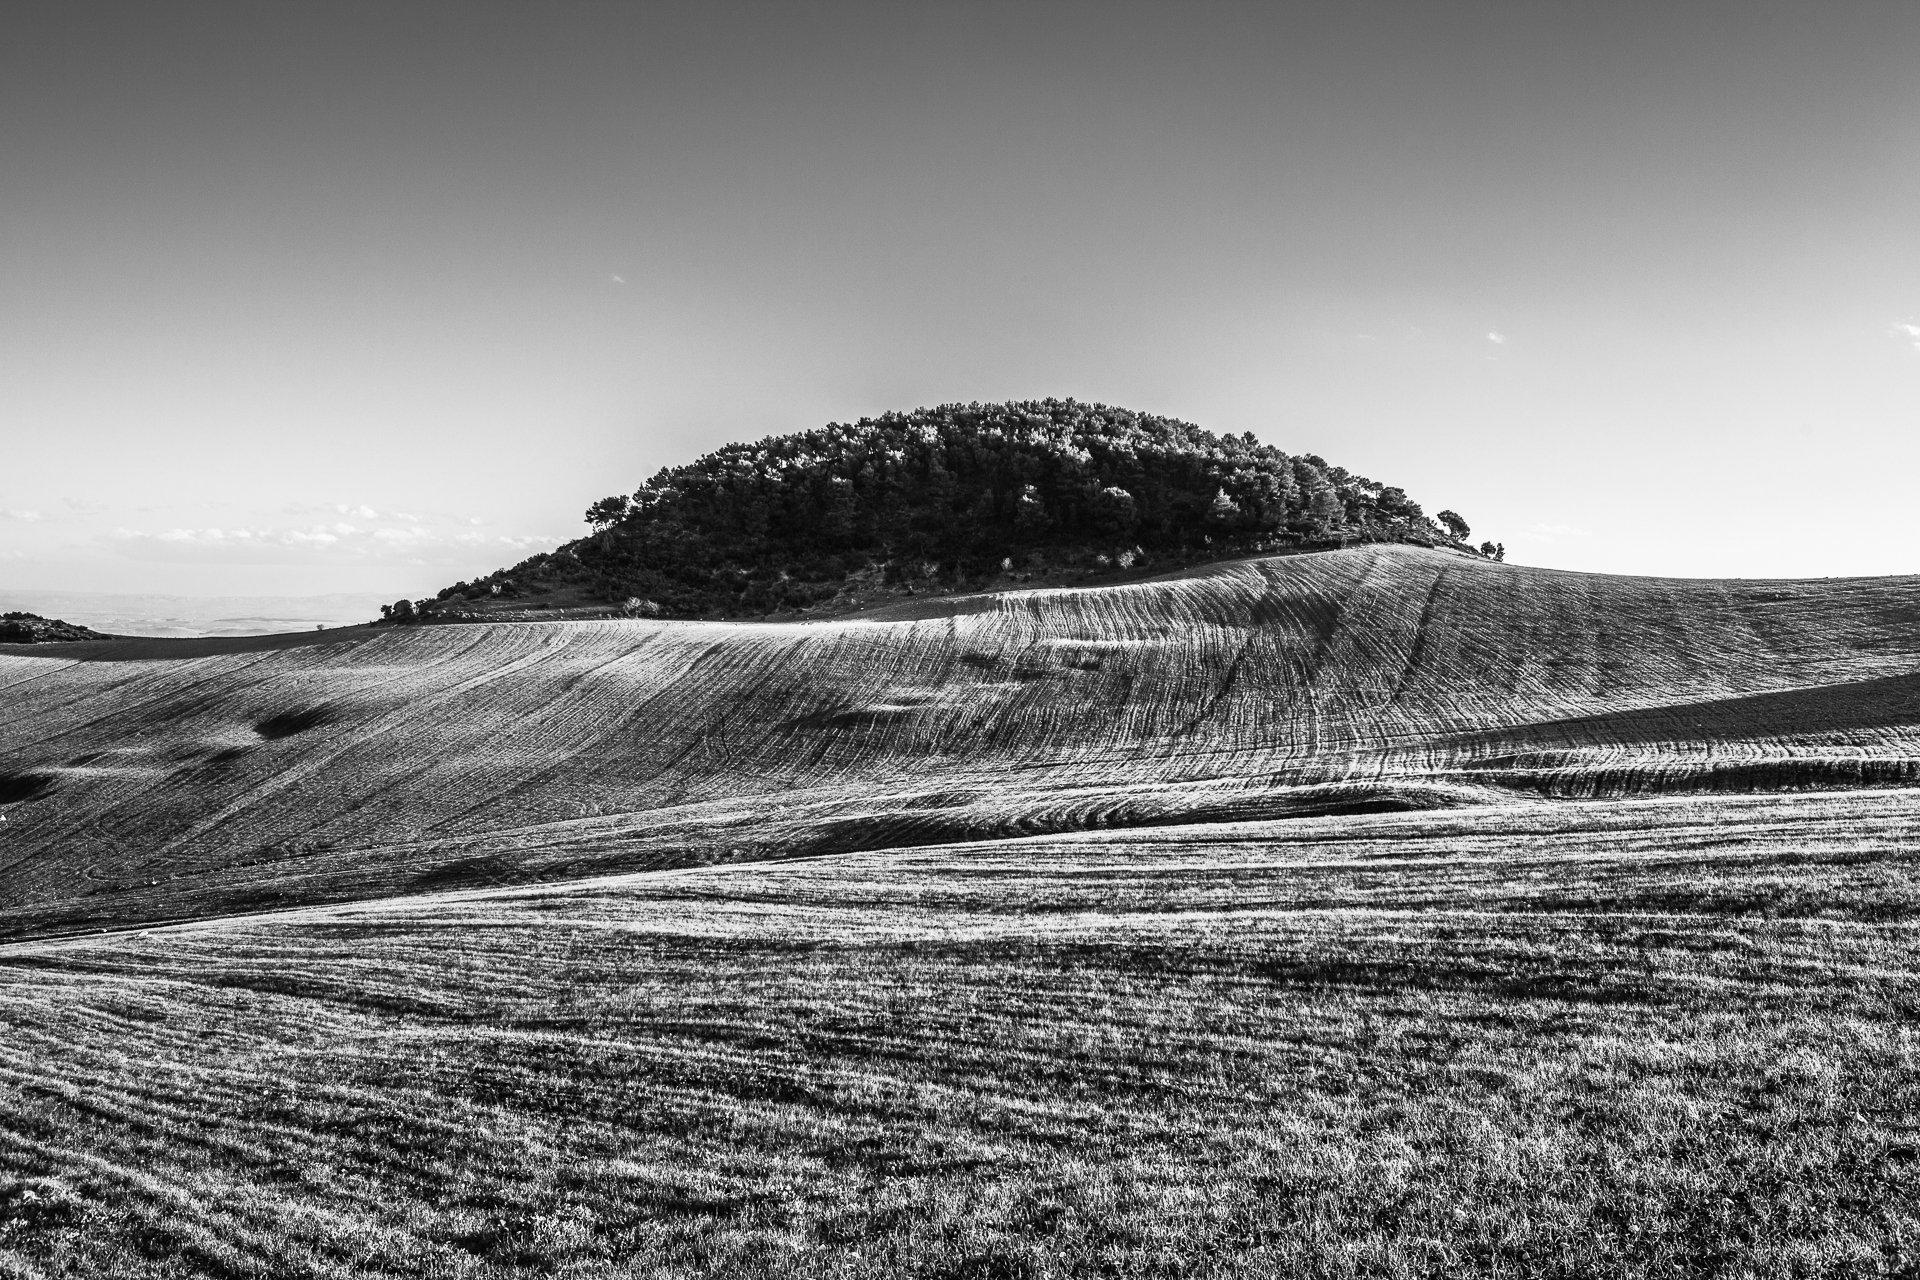 Colline. Route el Kef - Nebeur, 2014.